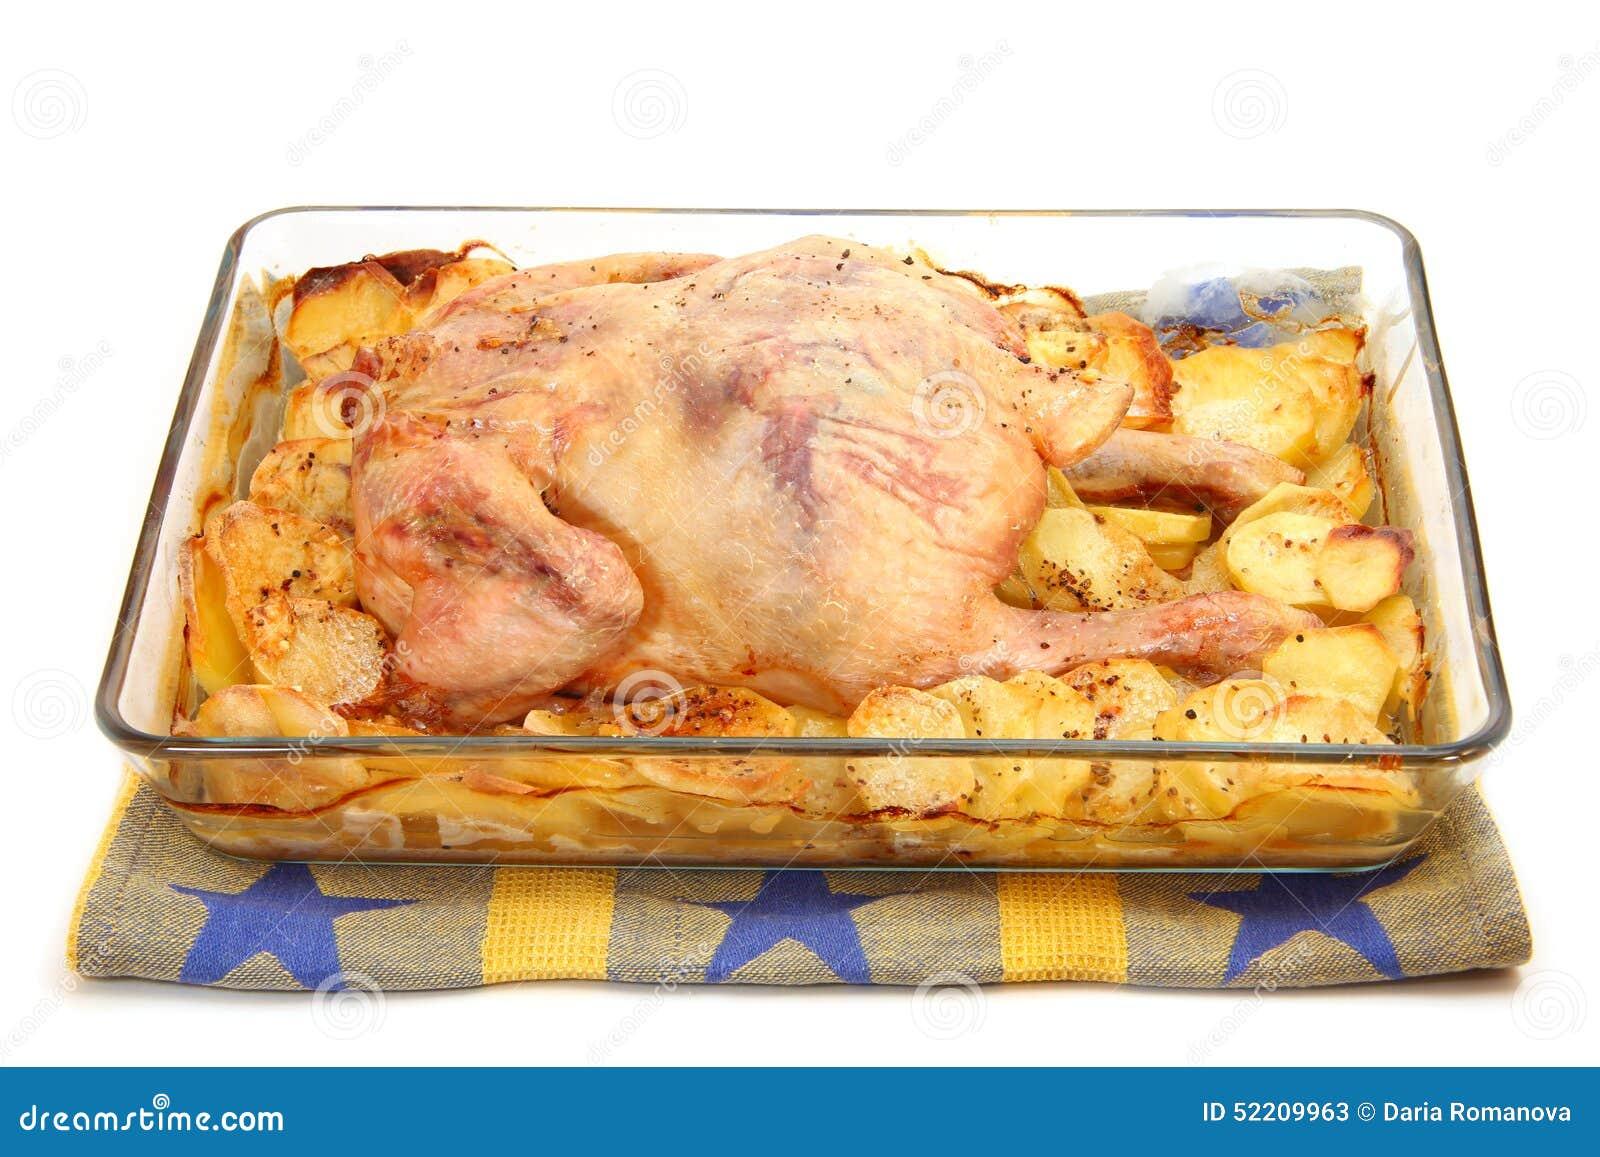 poulet frit avec des pommes de terre dans une moule en verre photo stock image 52209963. Black Bedroom Furniture Sets. Home Design Ideas